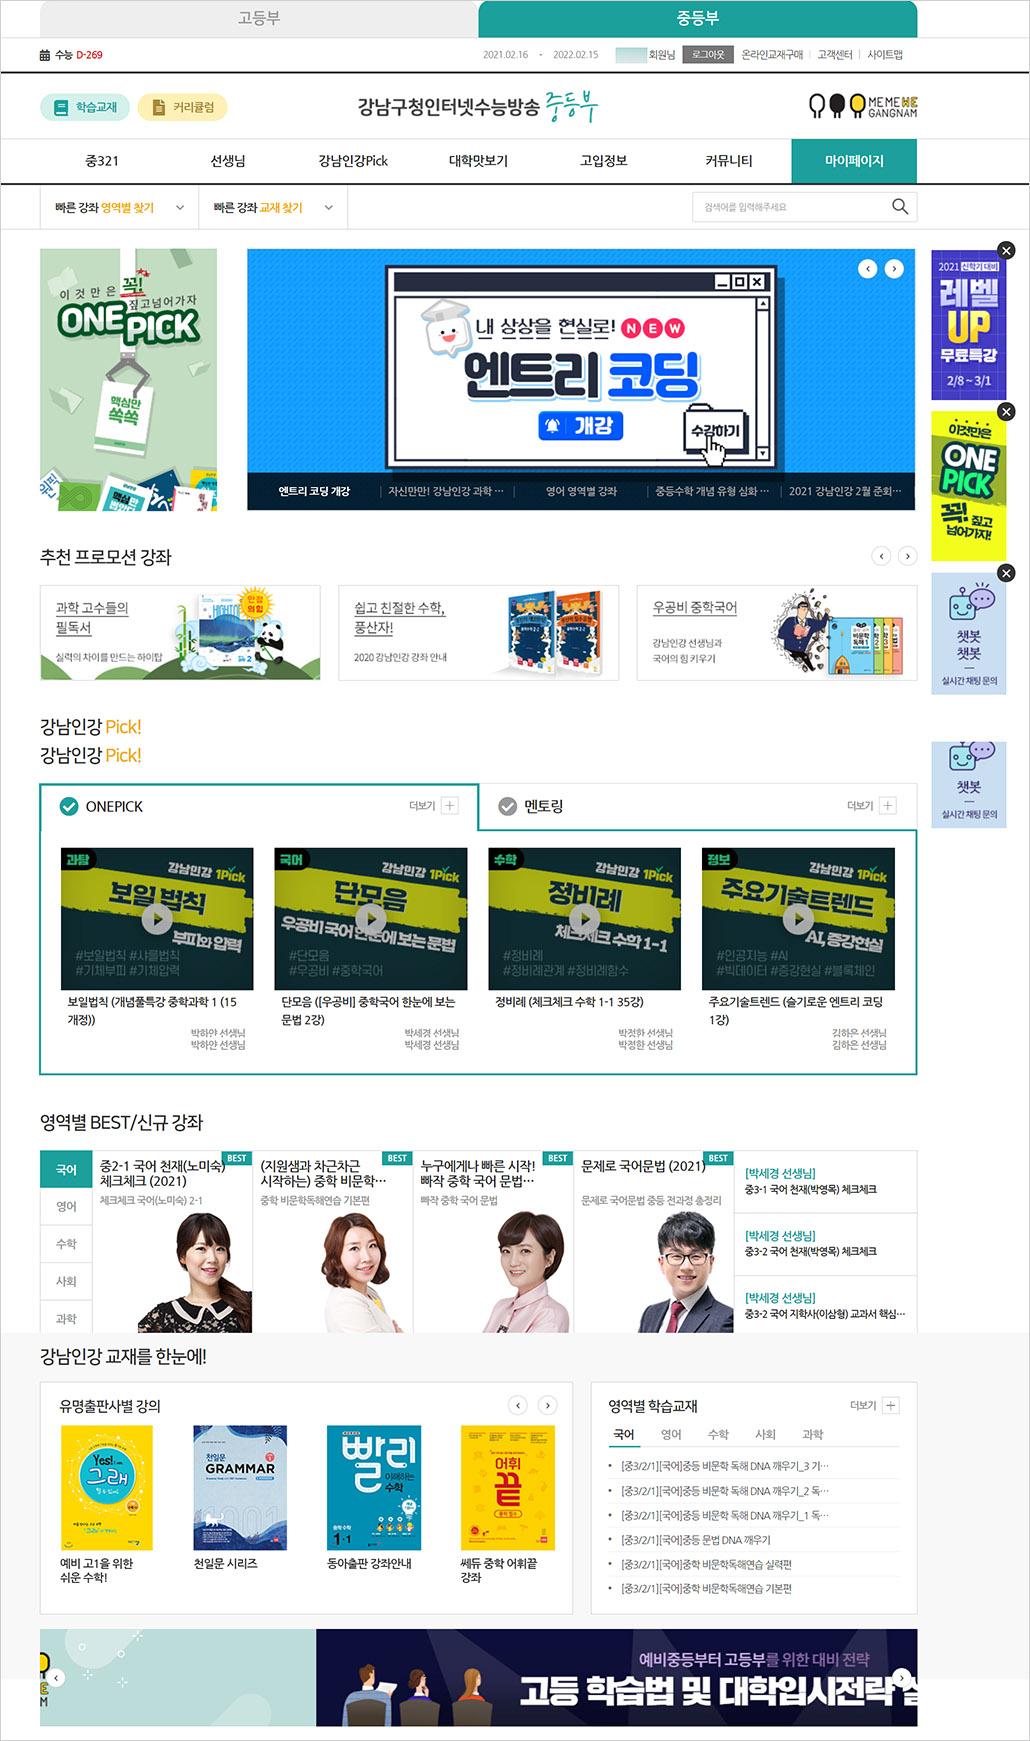 강남인강 사이트.jpg